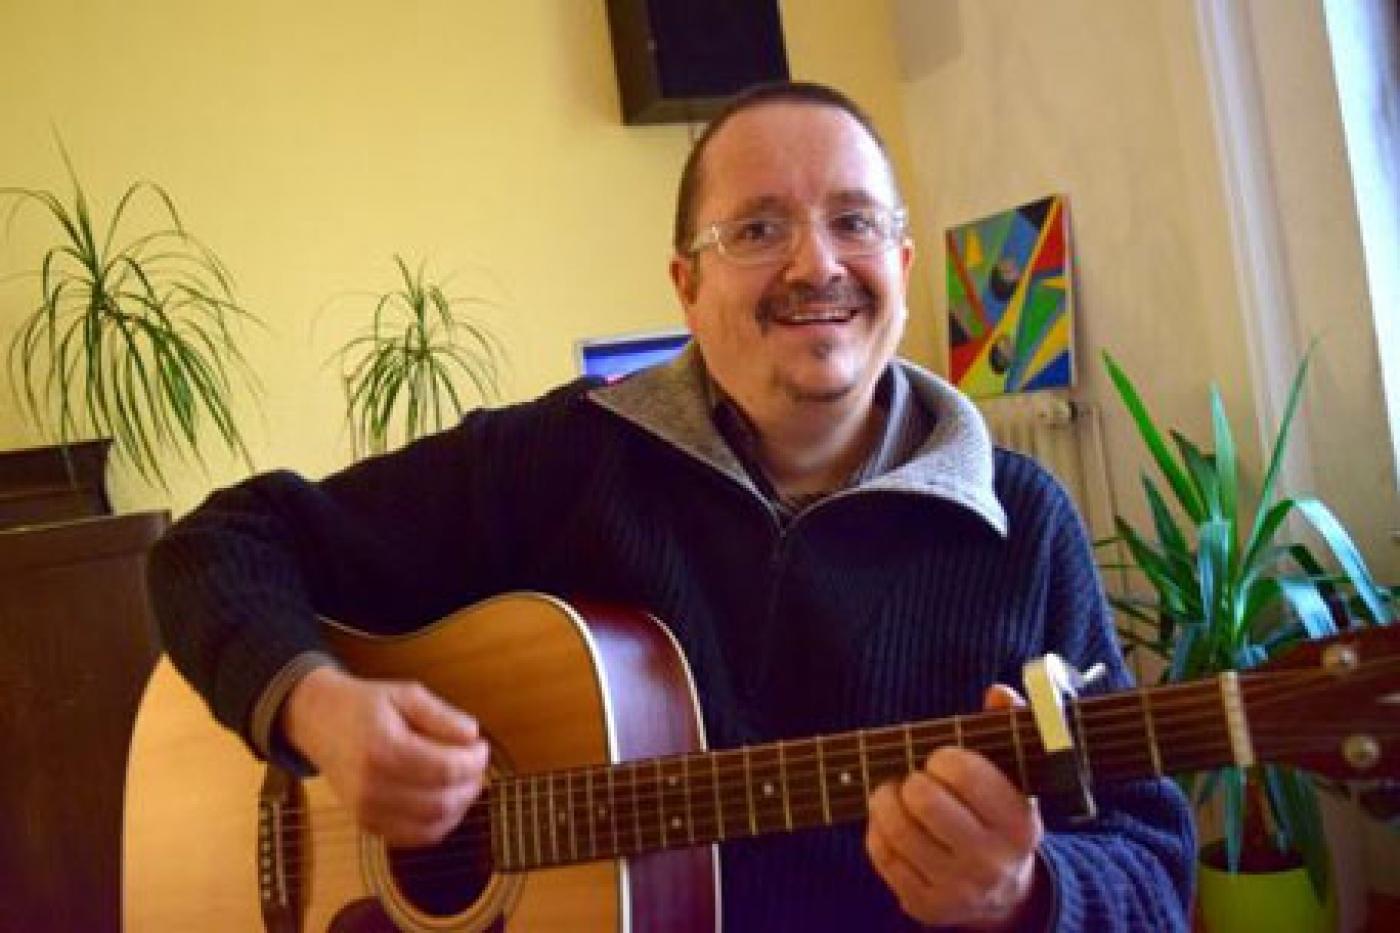 Zudem sang Eron Martis zur Gitarre